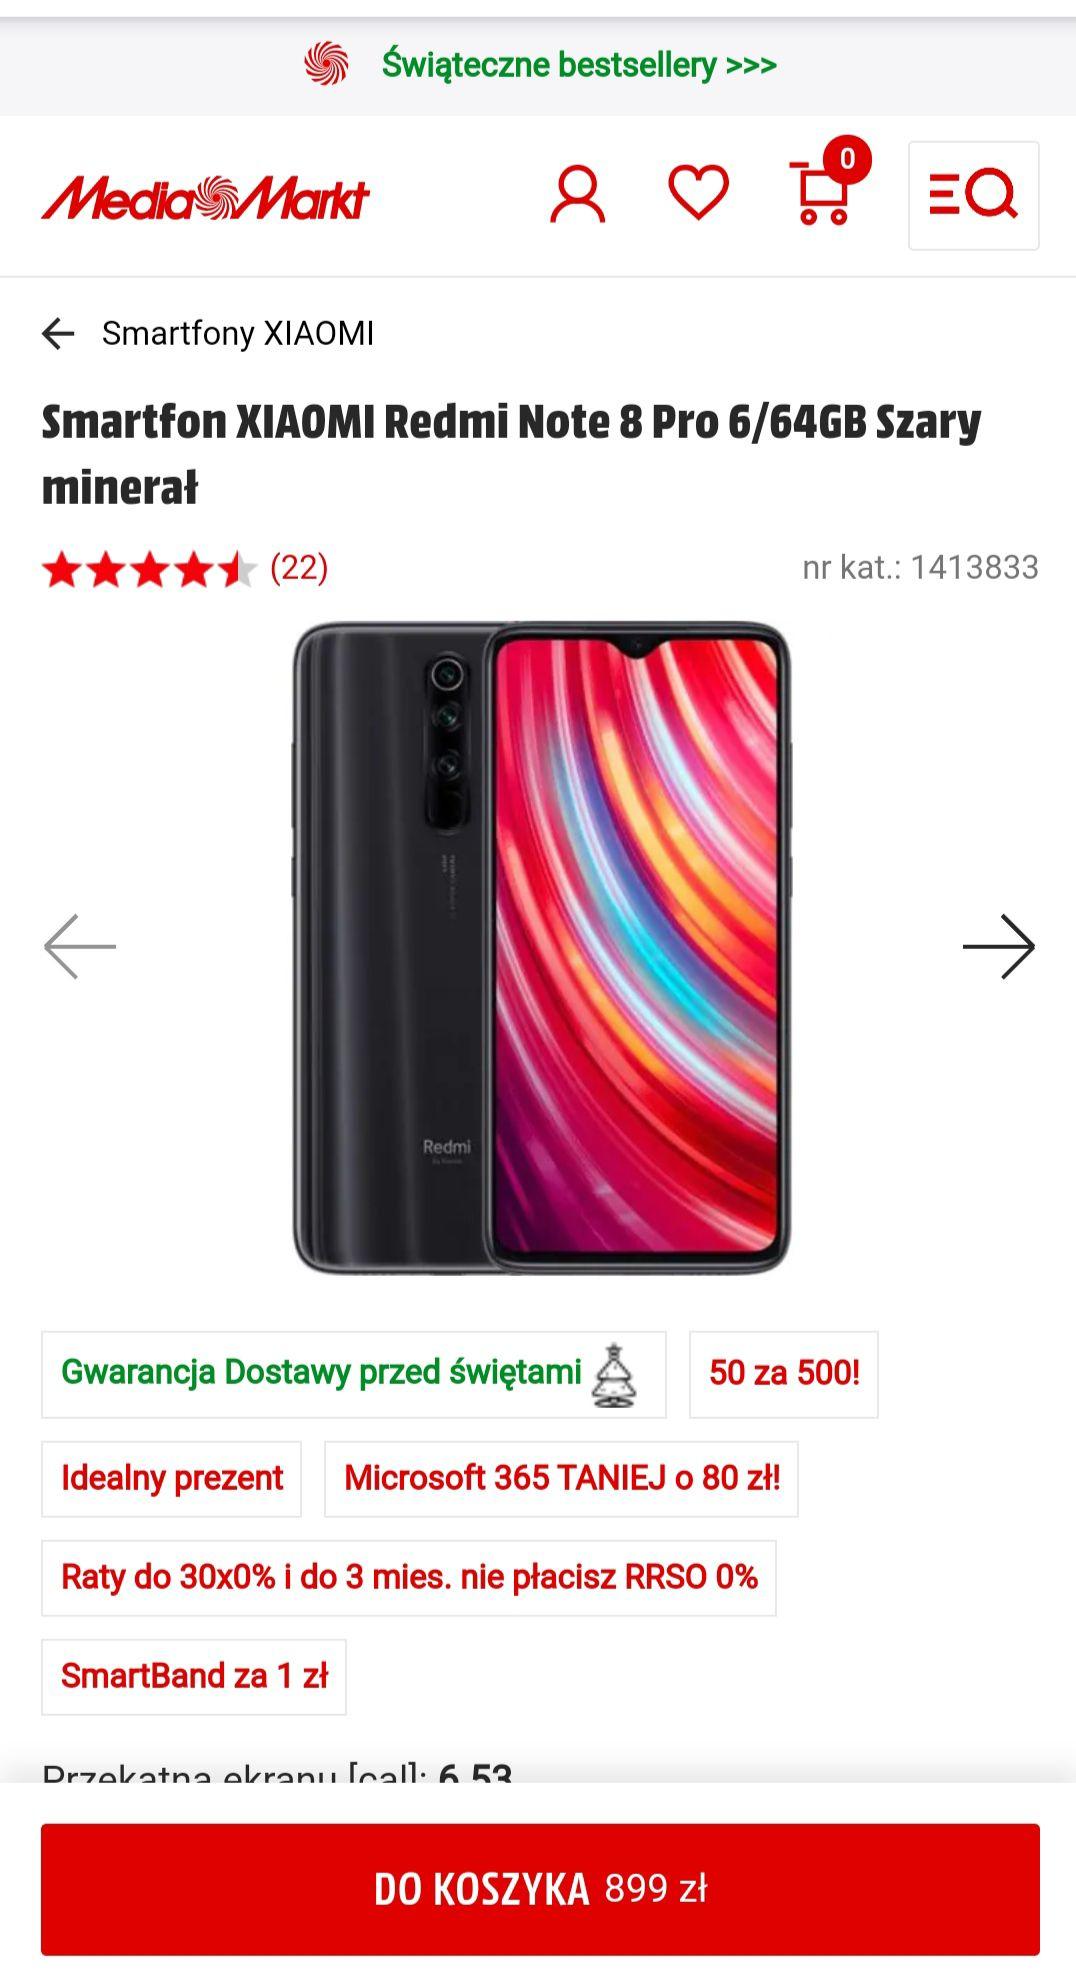 50:zl na kartę MediaMarkt za każde 500 wydane na smartfon Xiaomi